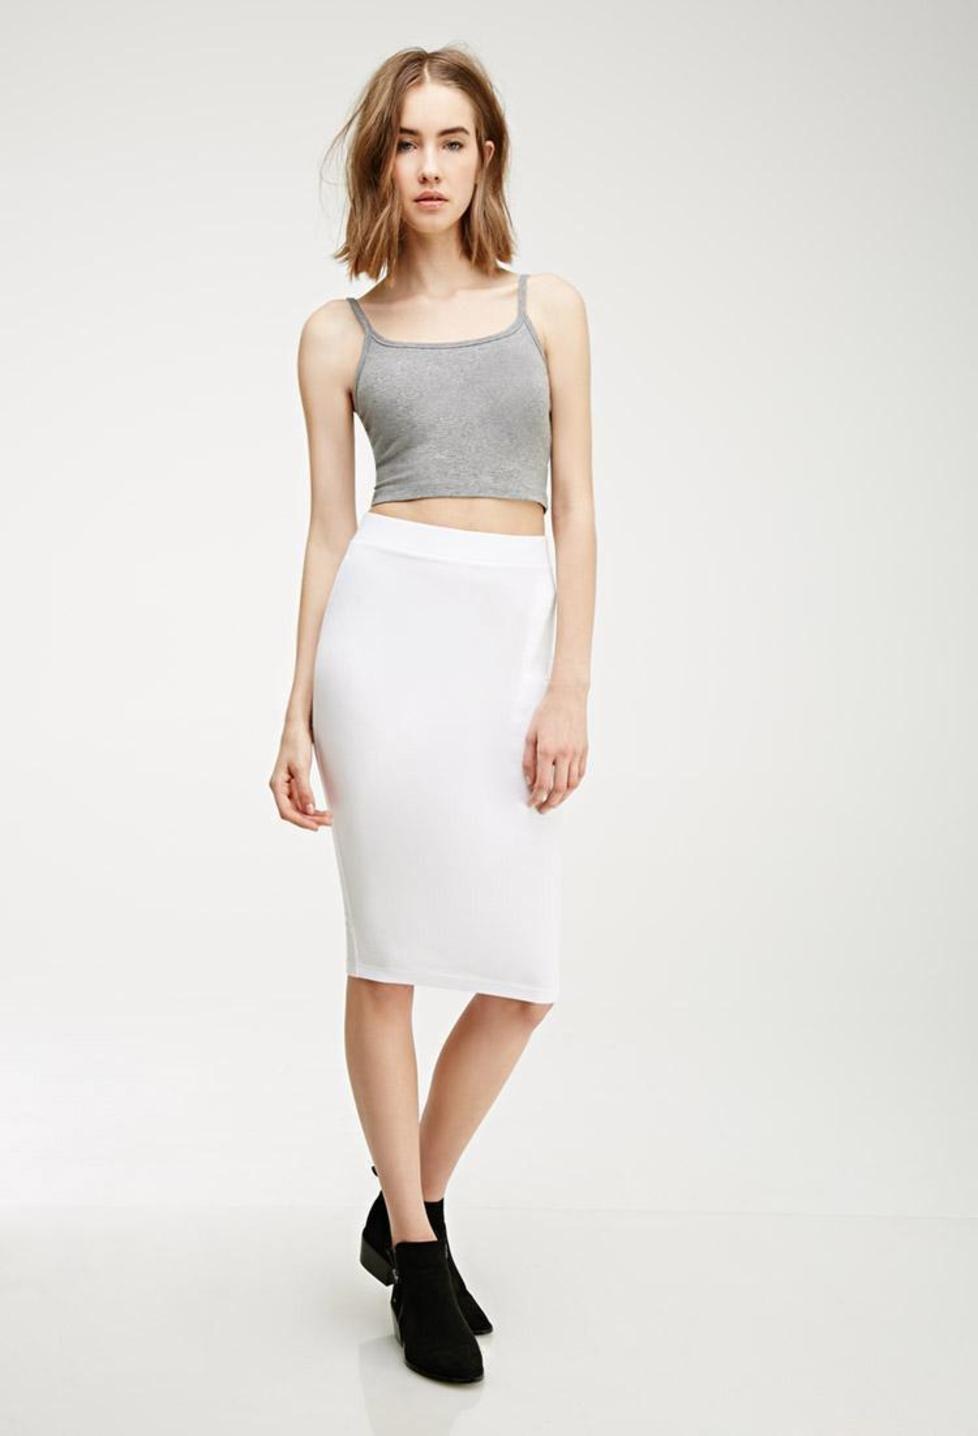 White Knit Pencil Skirt - Dress Ala